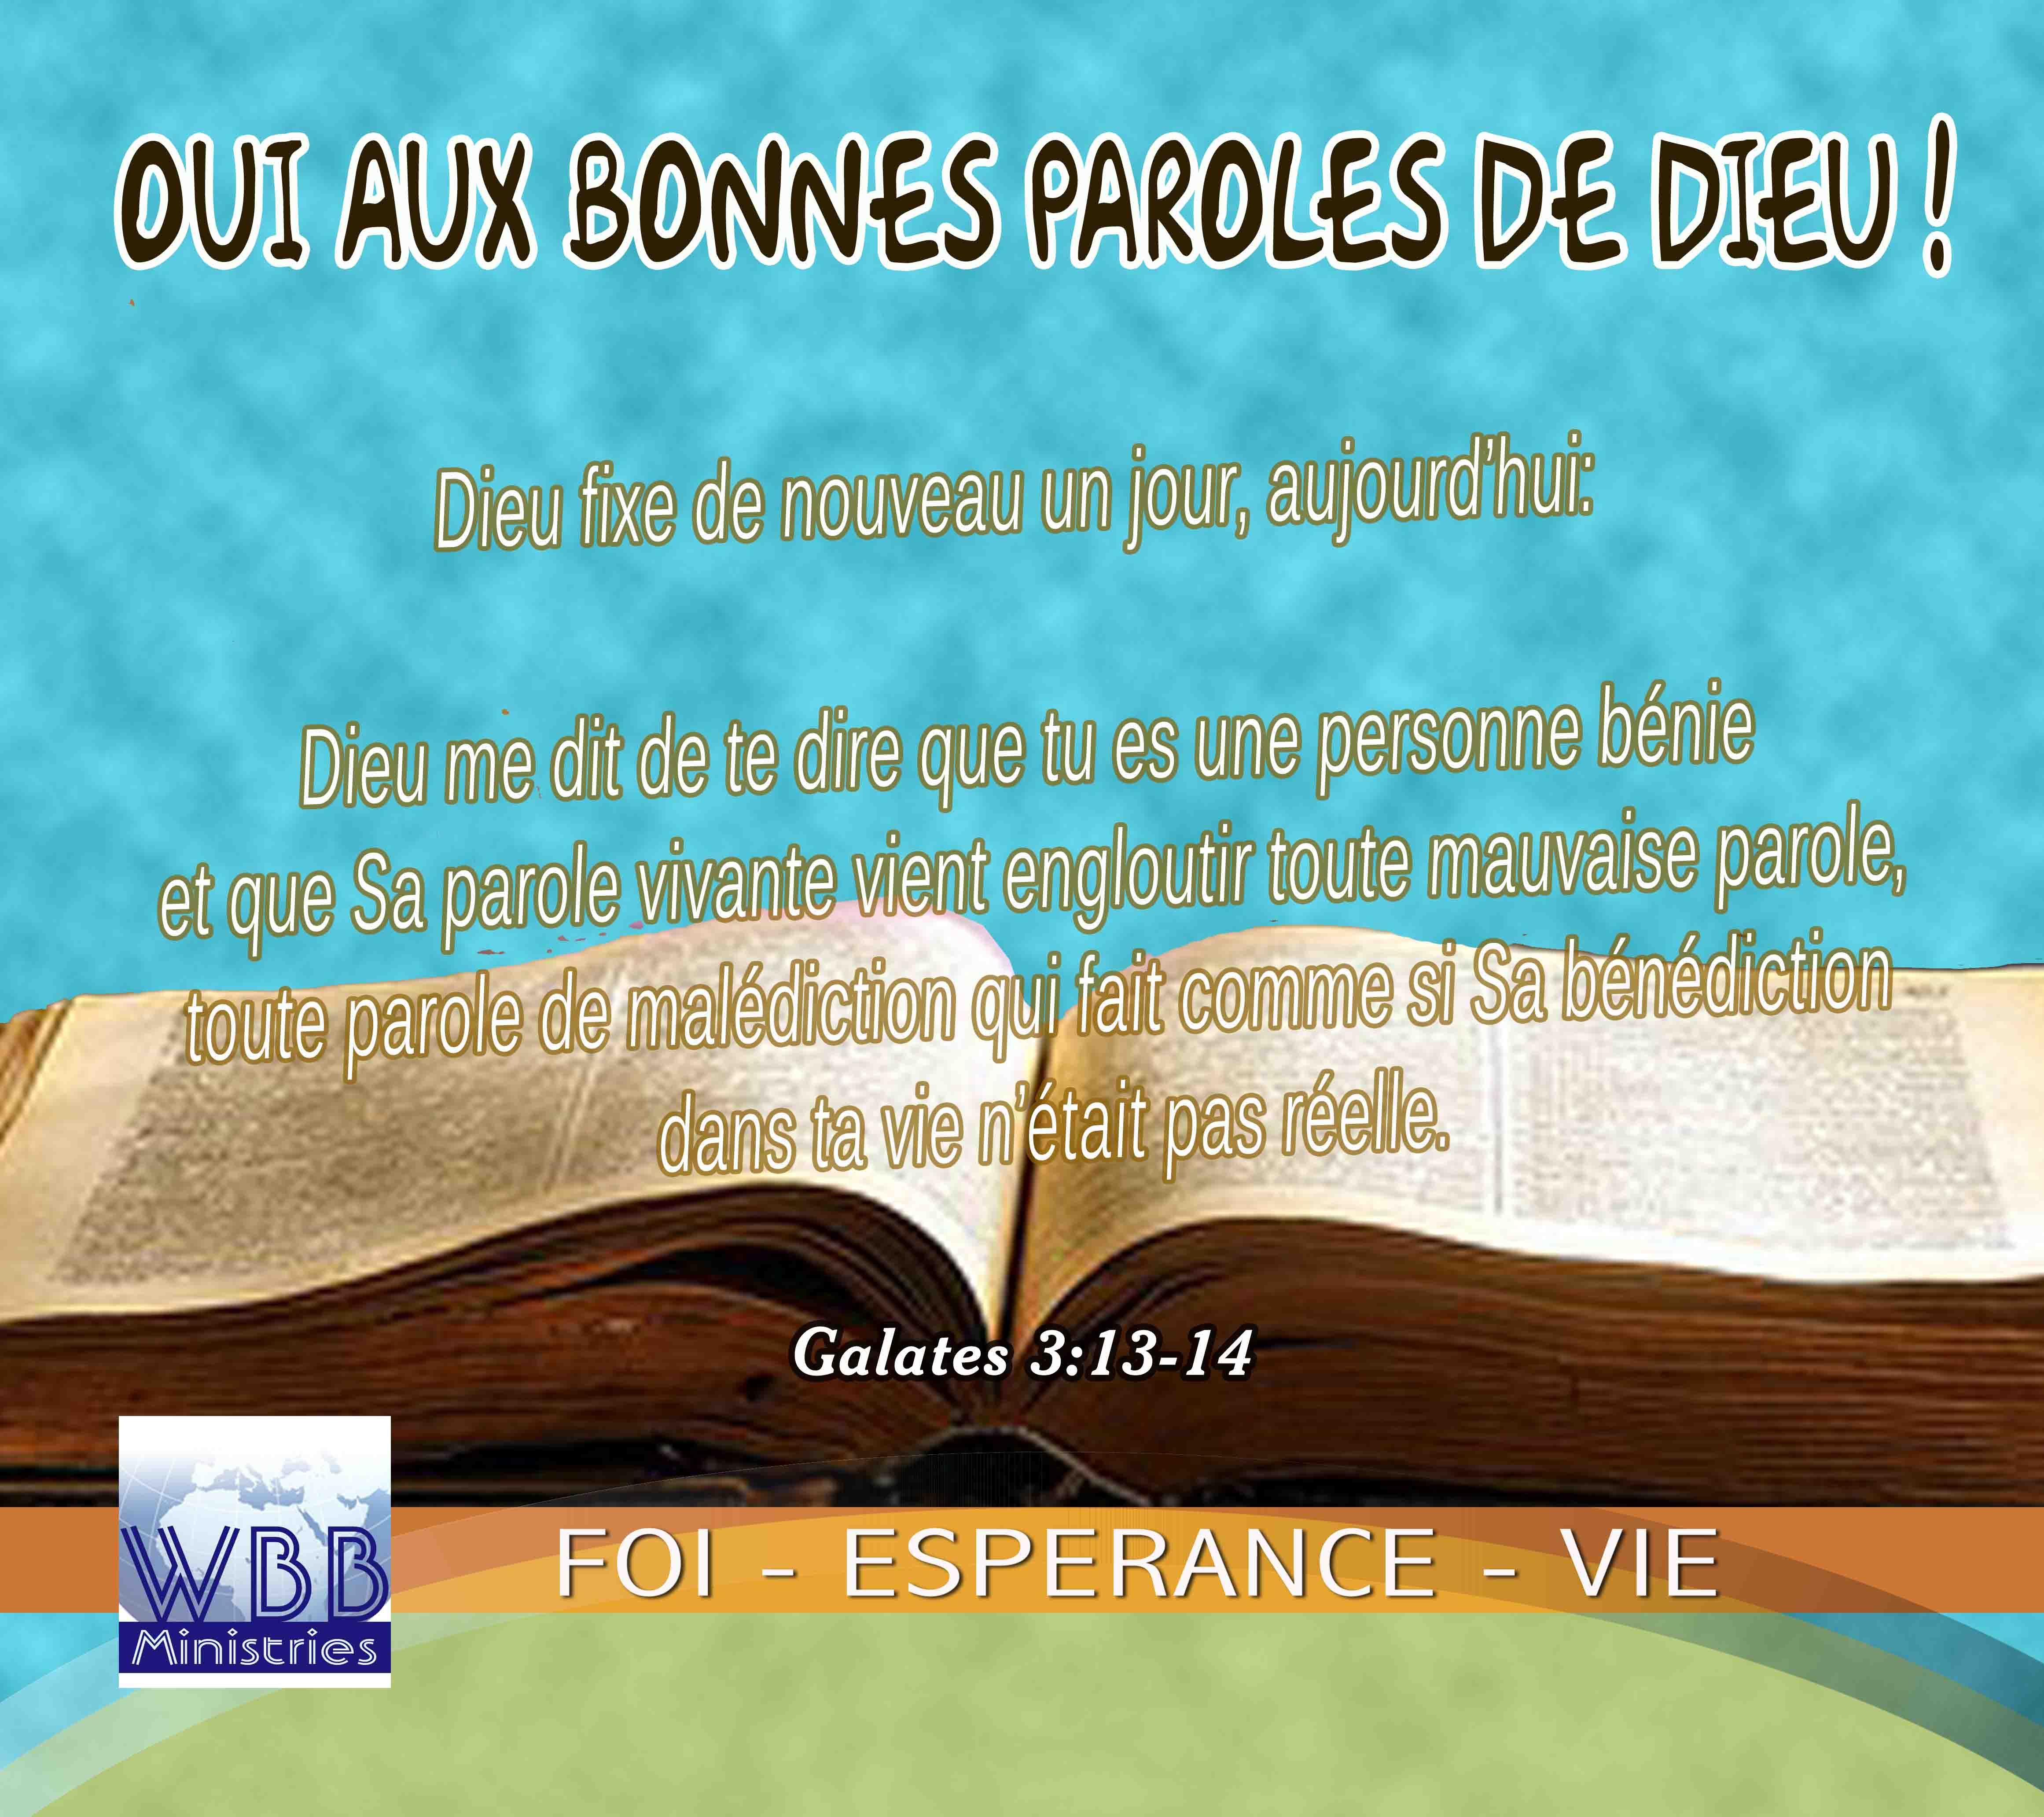 Très OUI AUX BONNES PAROLES DE DIEU! – Foi, Espérance & Vie BL47